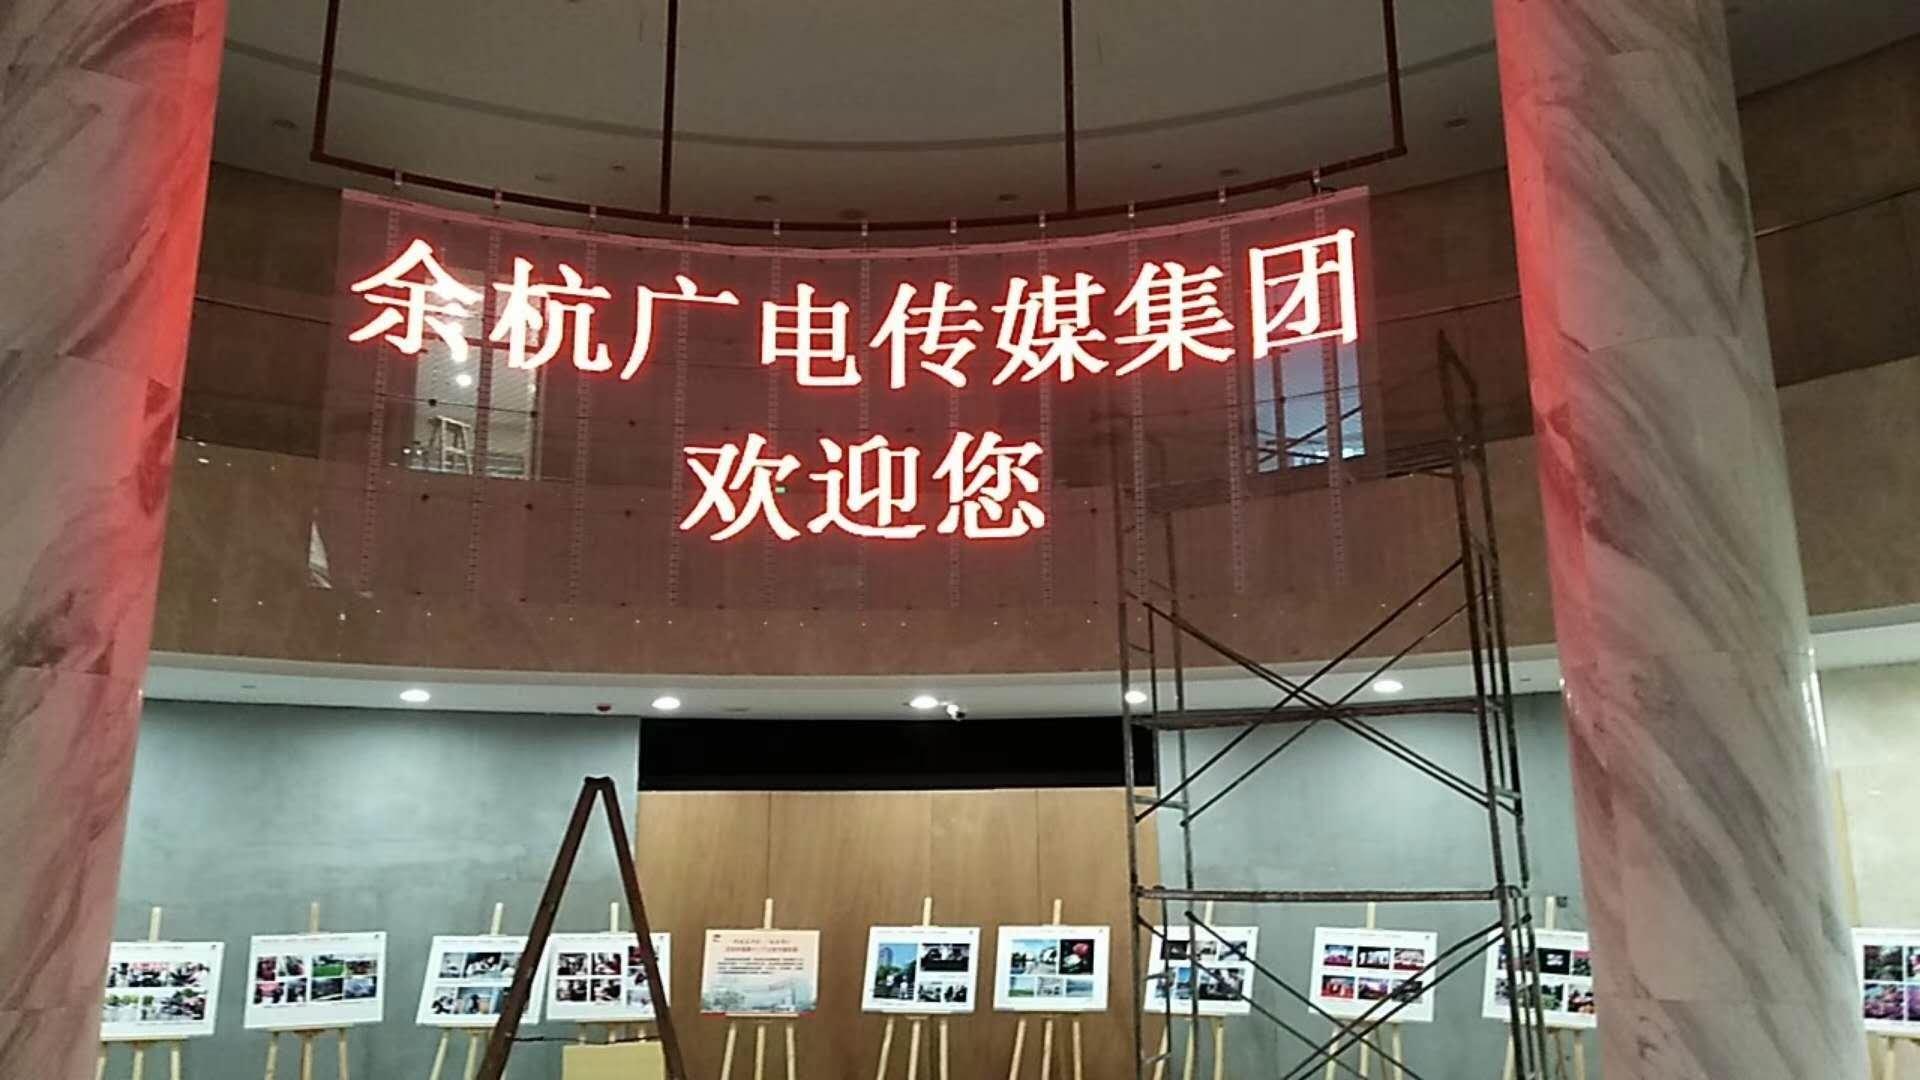 浙江余杭广播电台透明屏